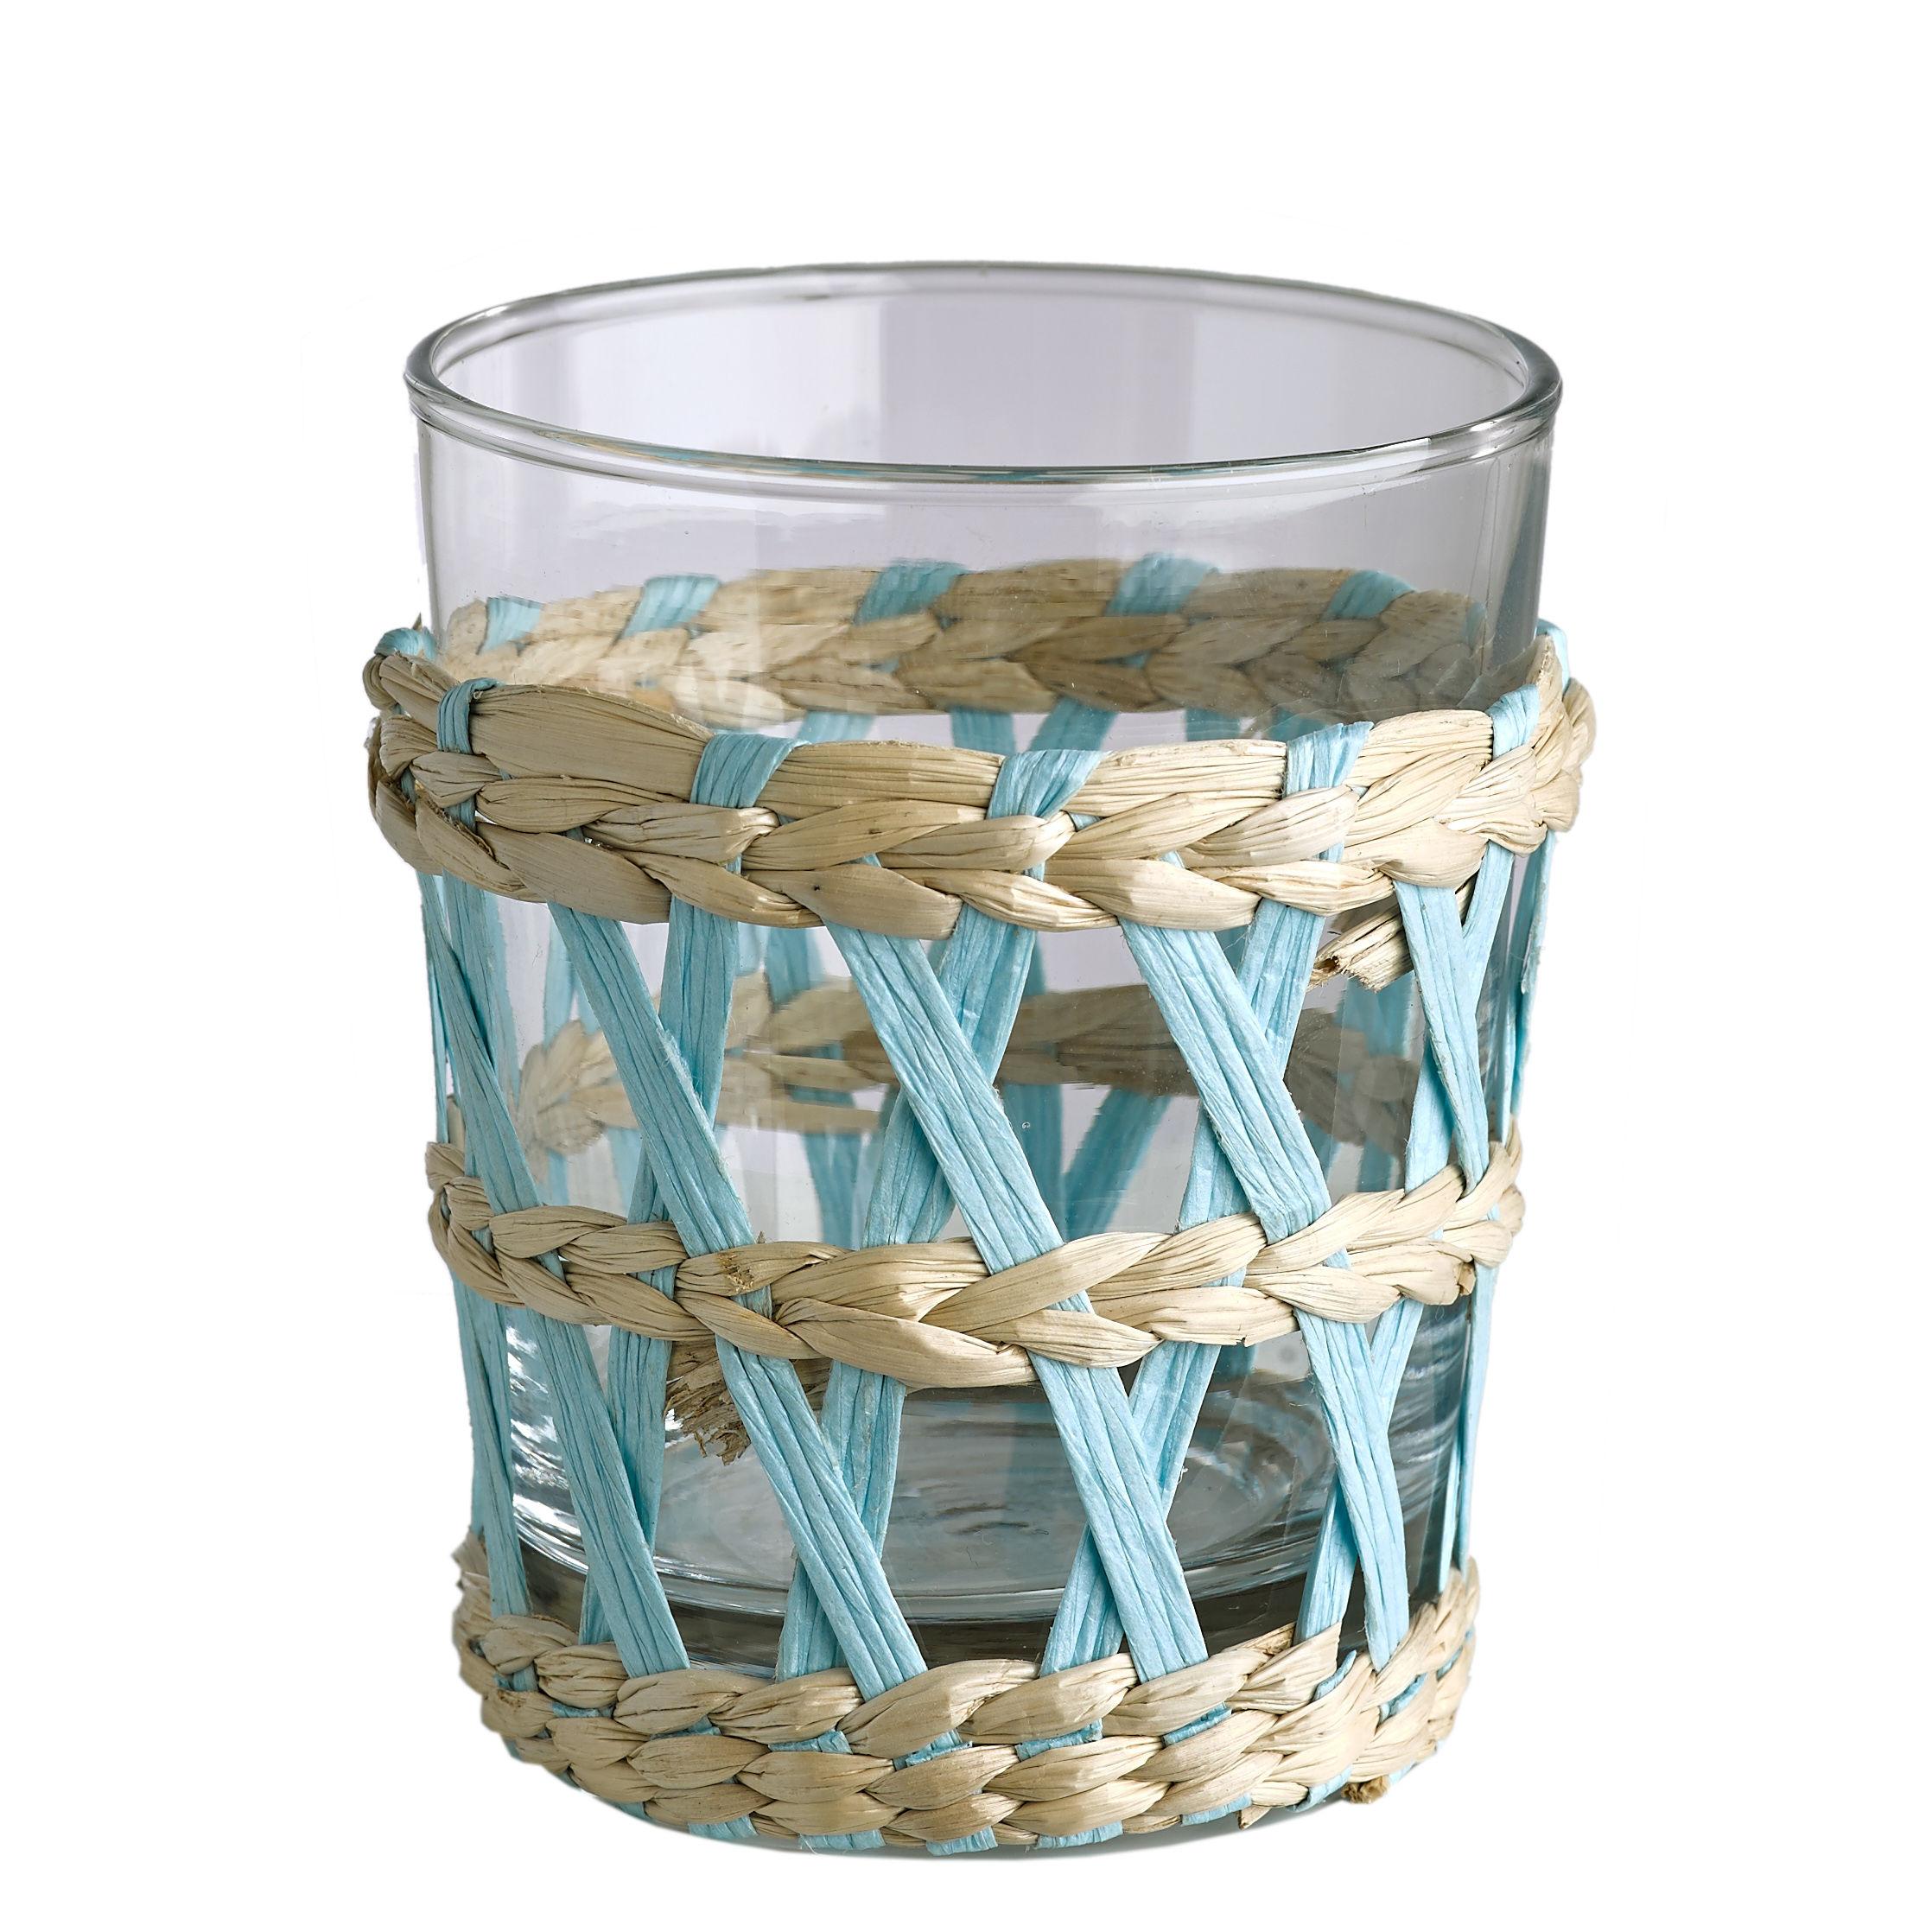 verre eau reed pols potten osier color transparent h 9 5 x 8 made in design. Black Bedroom Furniture Sets. Home Design Ideas